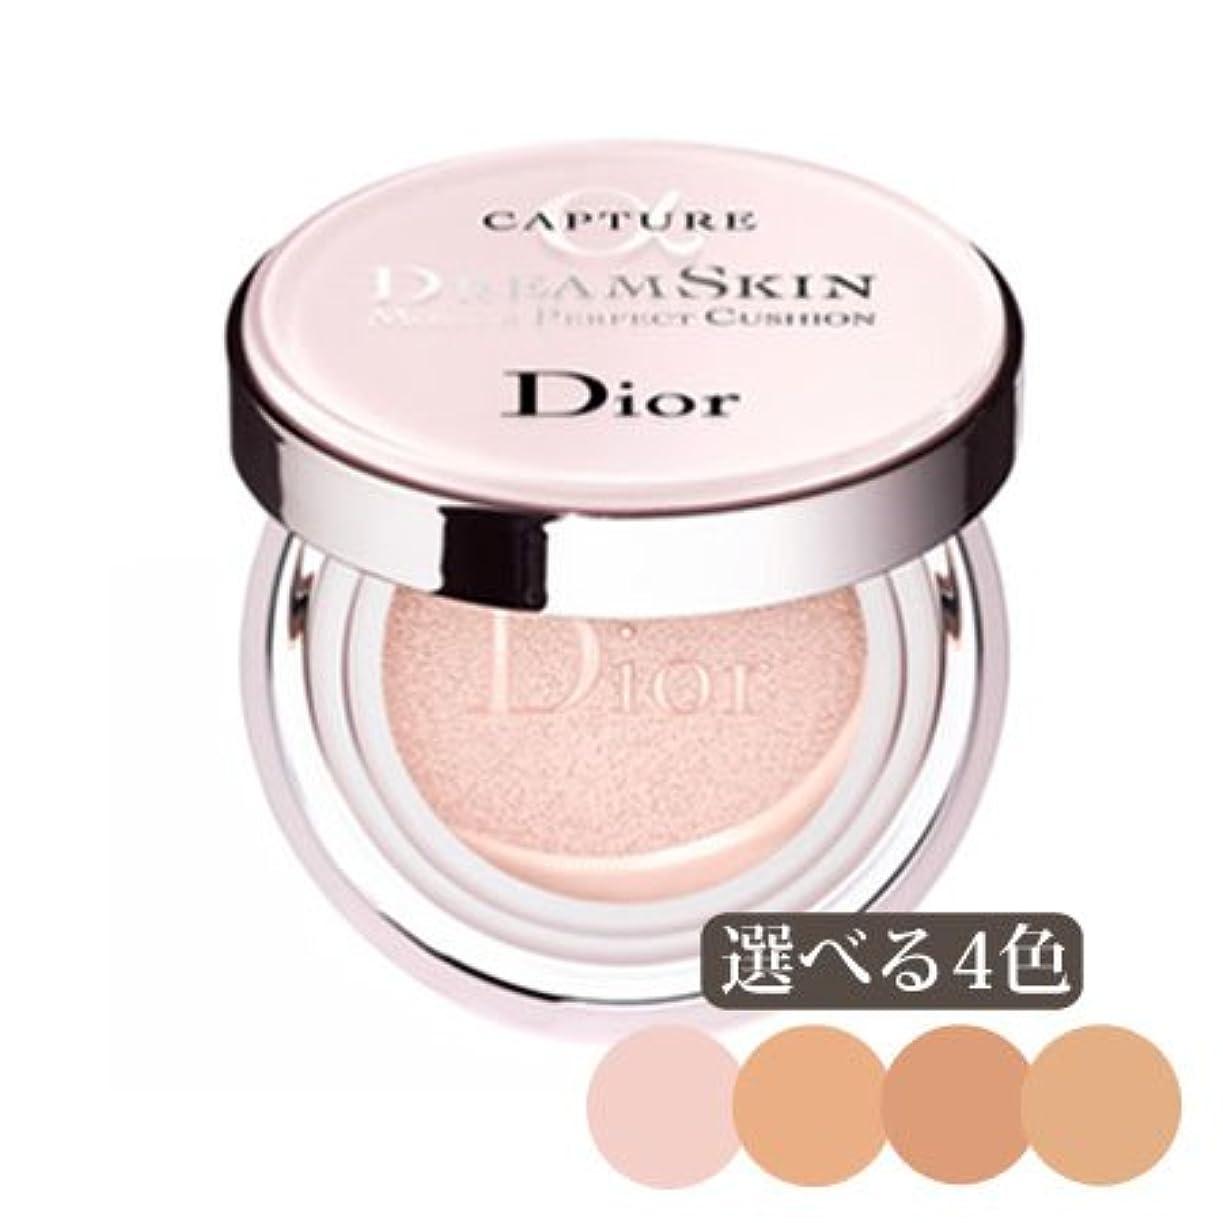 人気足枷布ディオール カプチュール ドリームスキン モイスト クッション 選べる4色 -Dior- 010